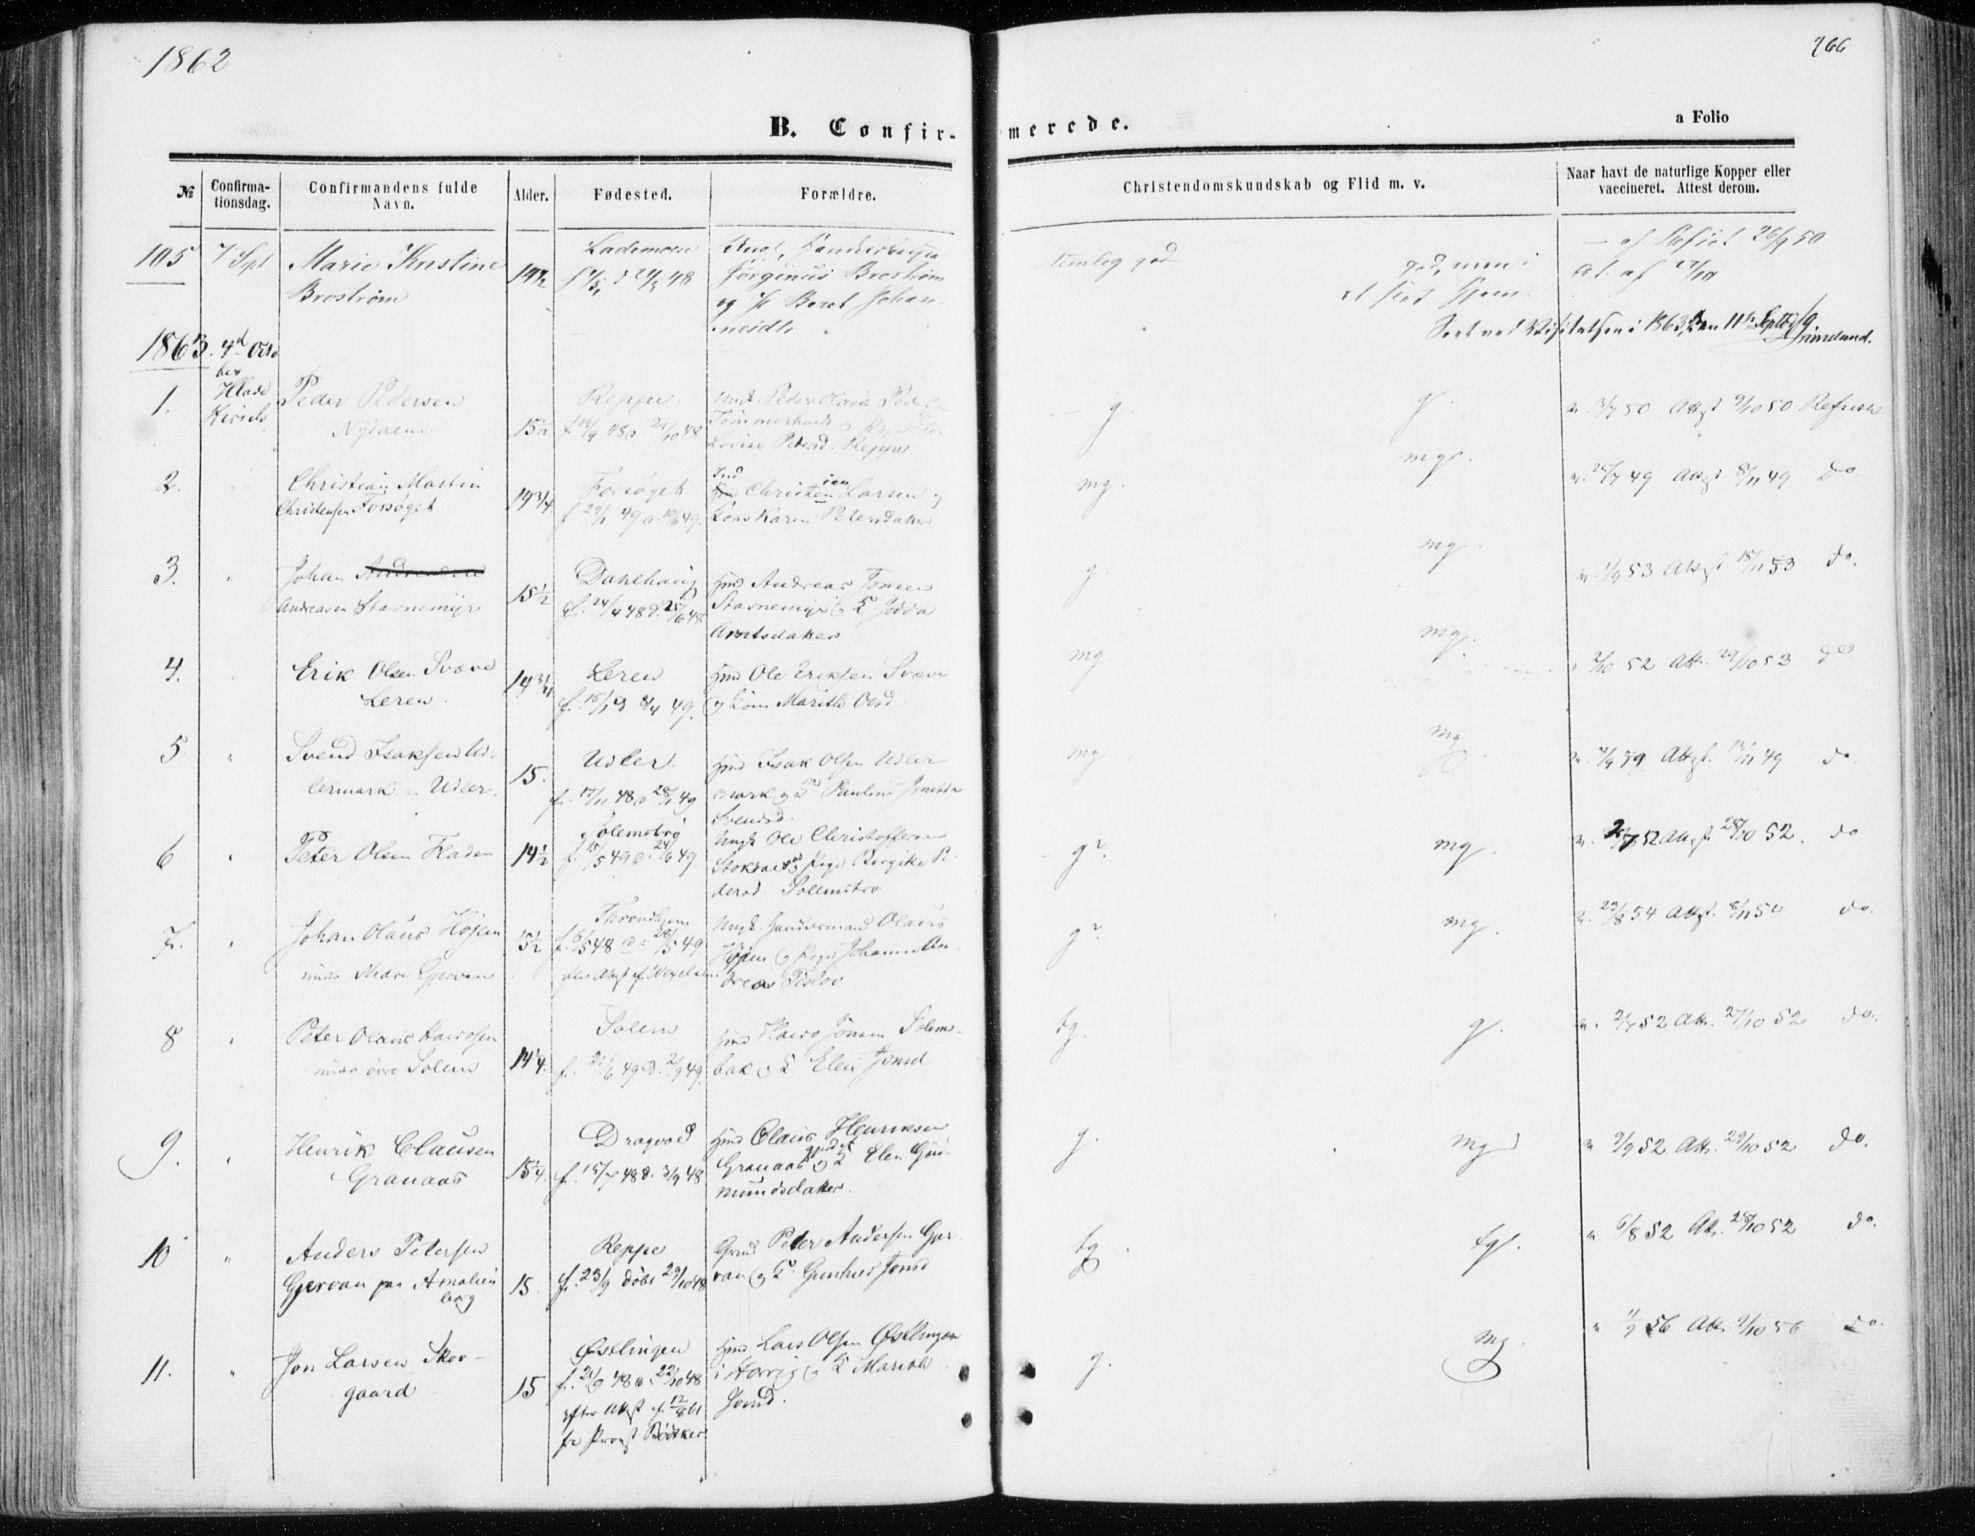 SAT, Ministerialprotokoller, klokkerbøker og fødselsregistre - Sør-Trøndelag, 606/L0292: Ministerialbok nr. 606A07, 1856-1865, s. 266